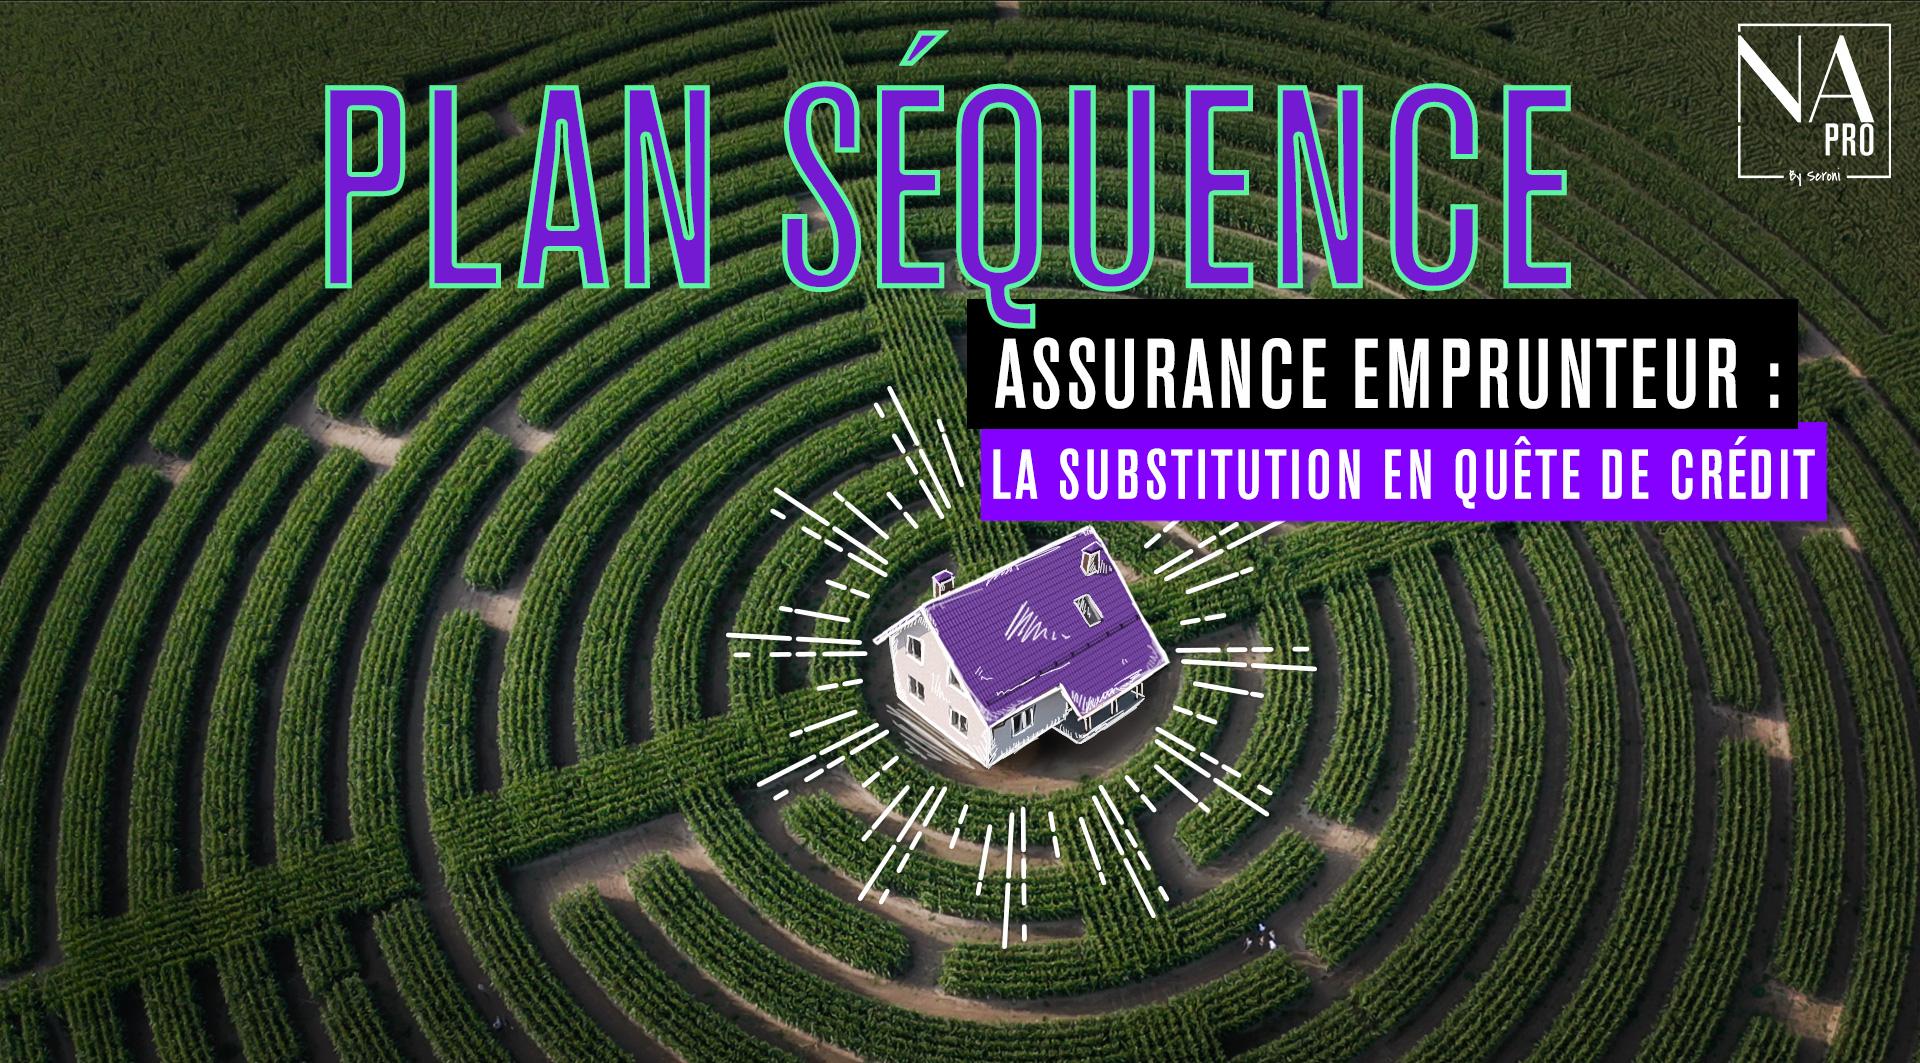 Plan séquence - Assurance emprunteur : La substitution en quête de crédit